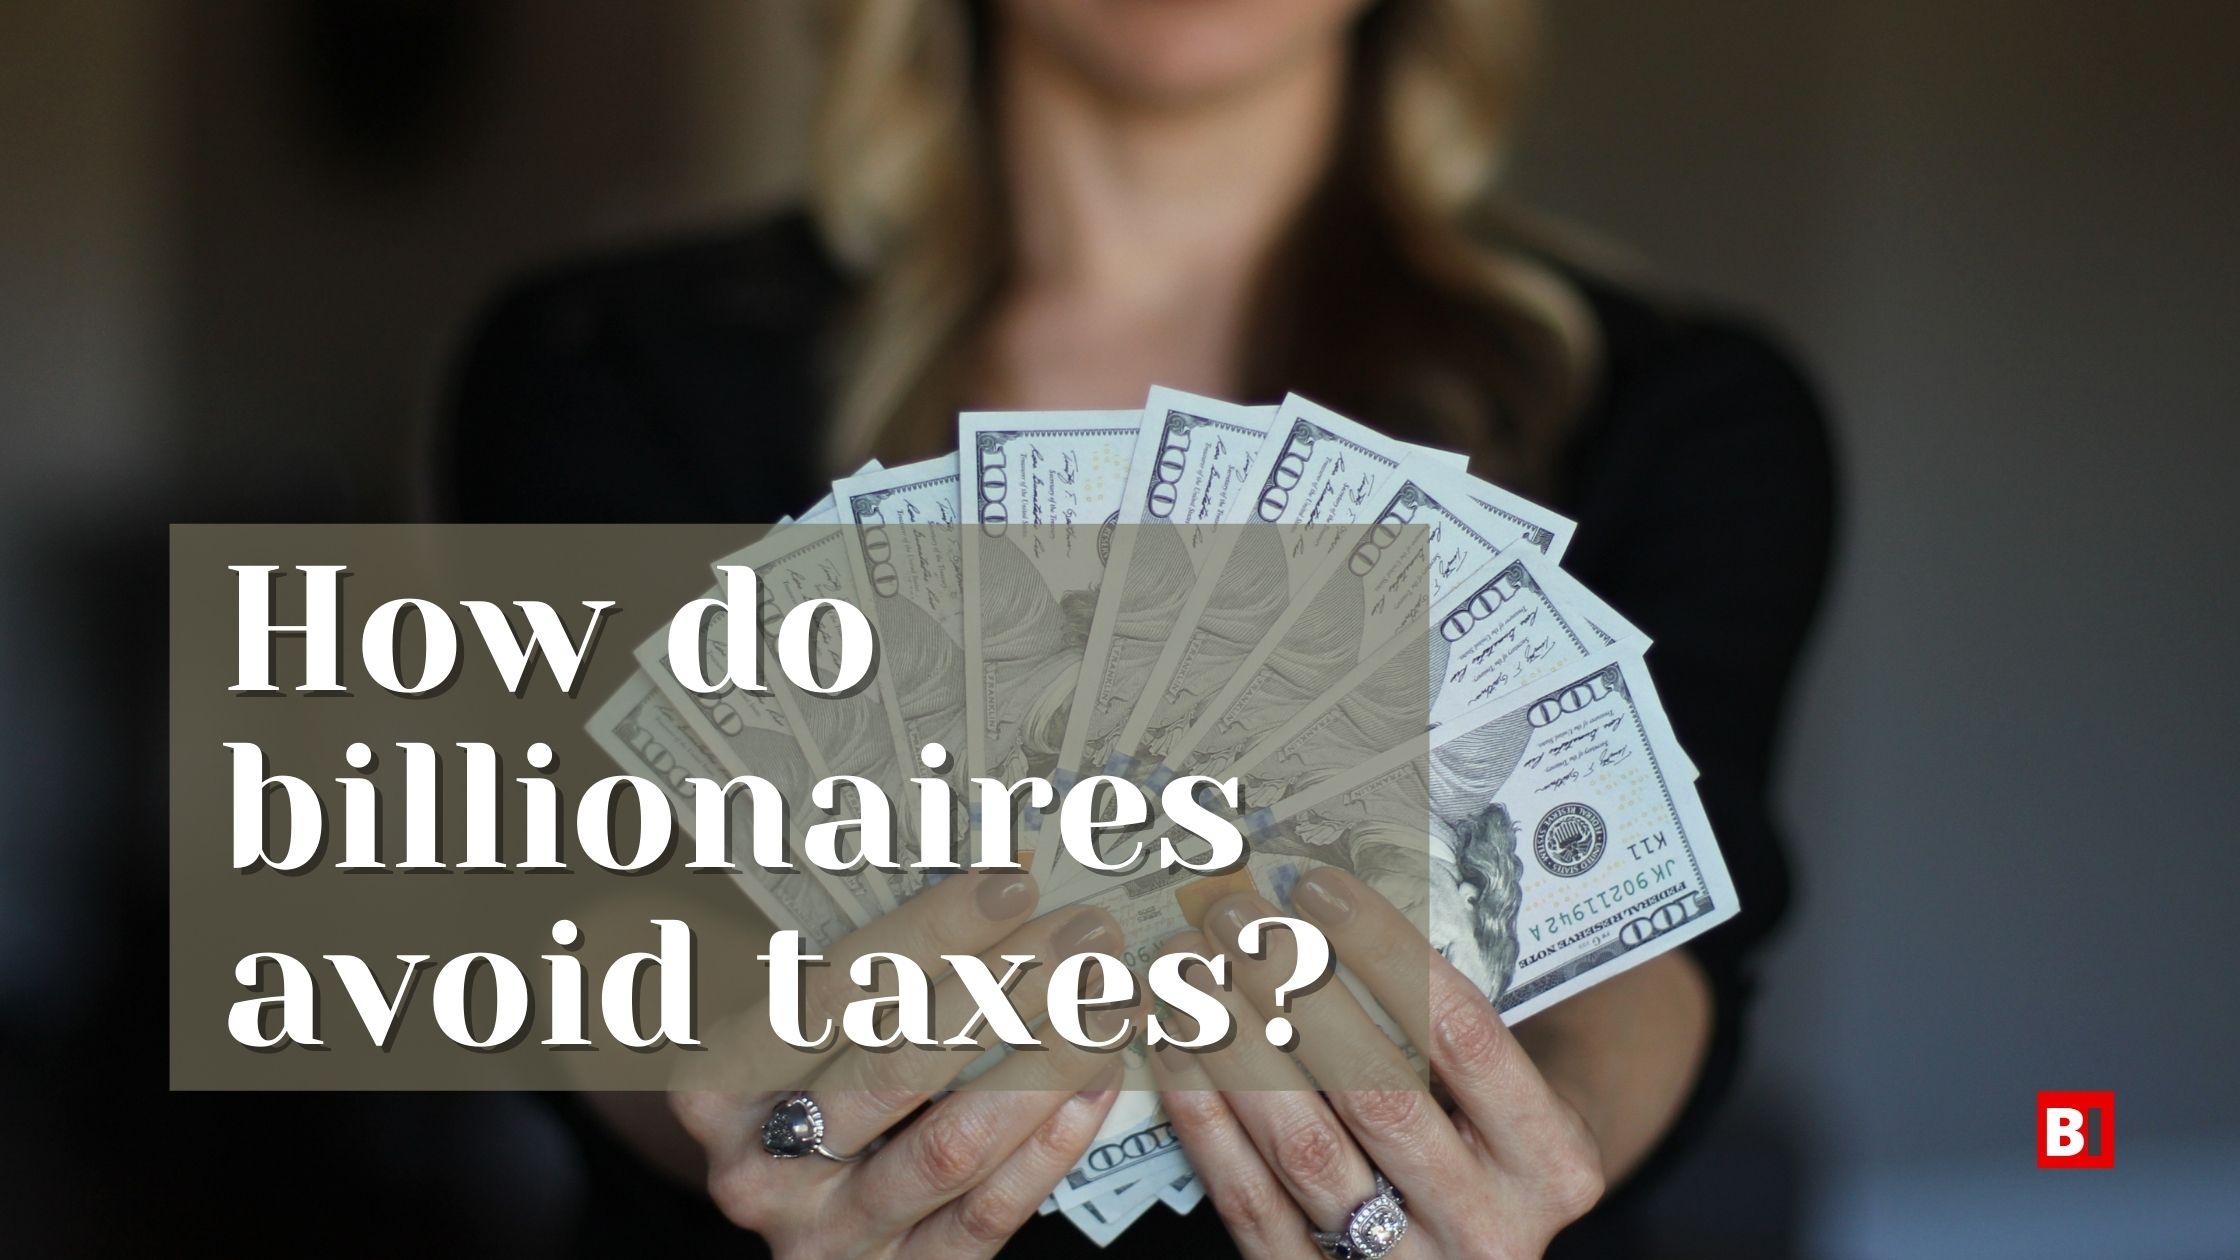 how do billionaires avoid taxes?